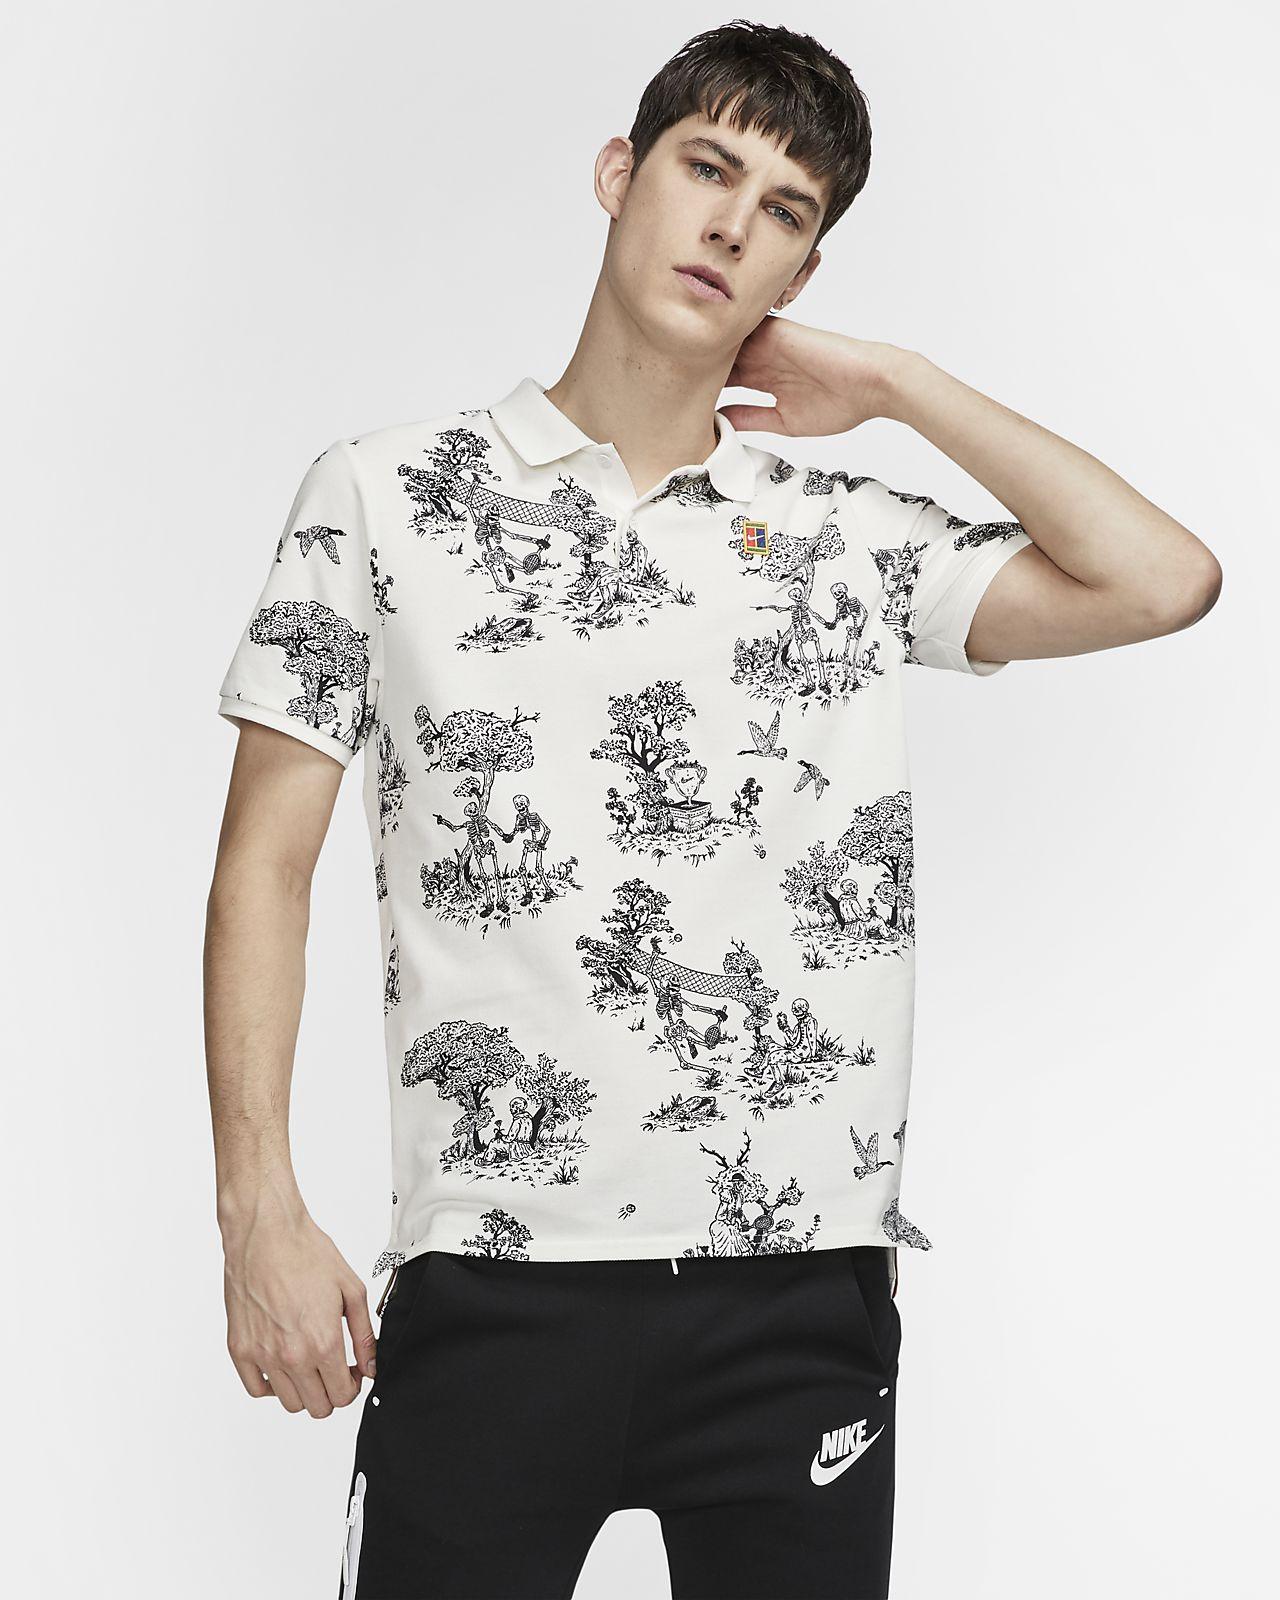 Ανδρική μπλούζα πόλο για τένις NikeCourt